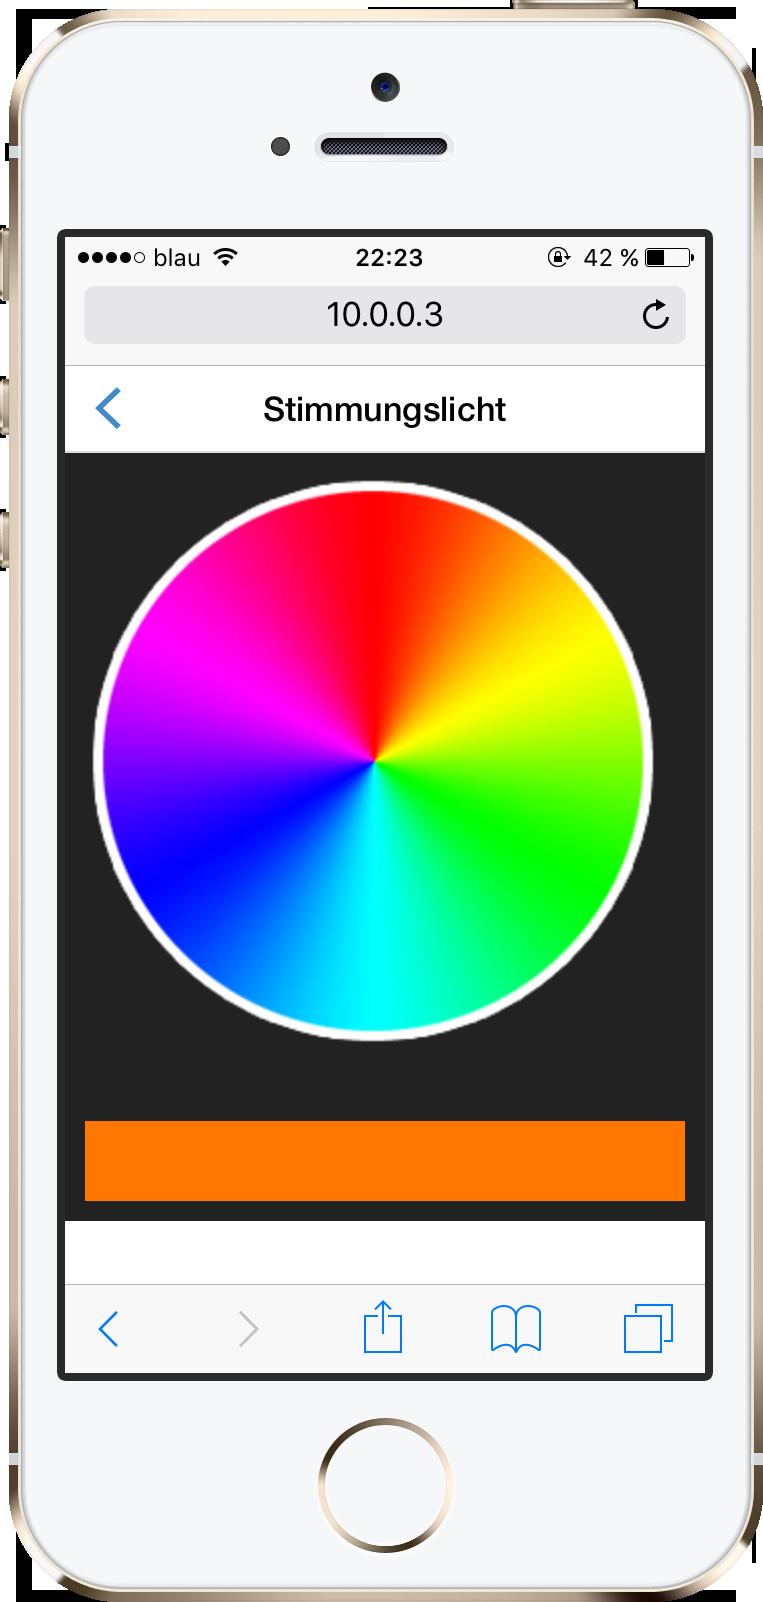 Web-App Stimmungslicht